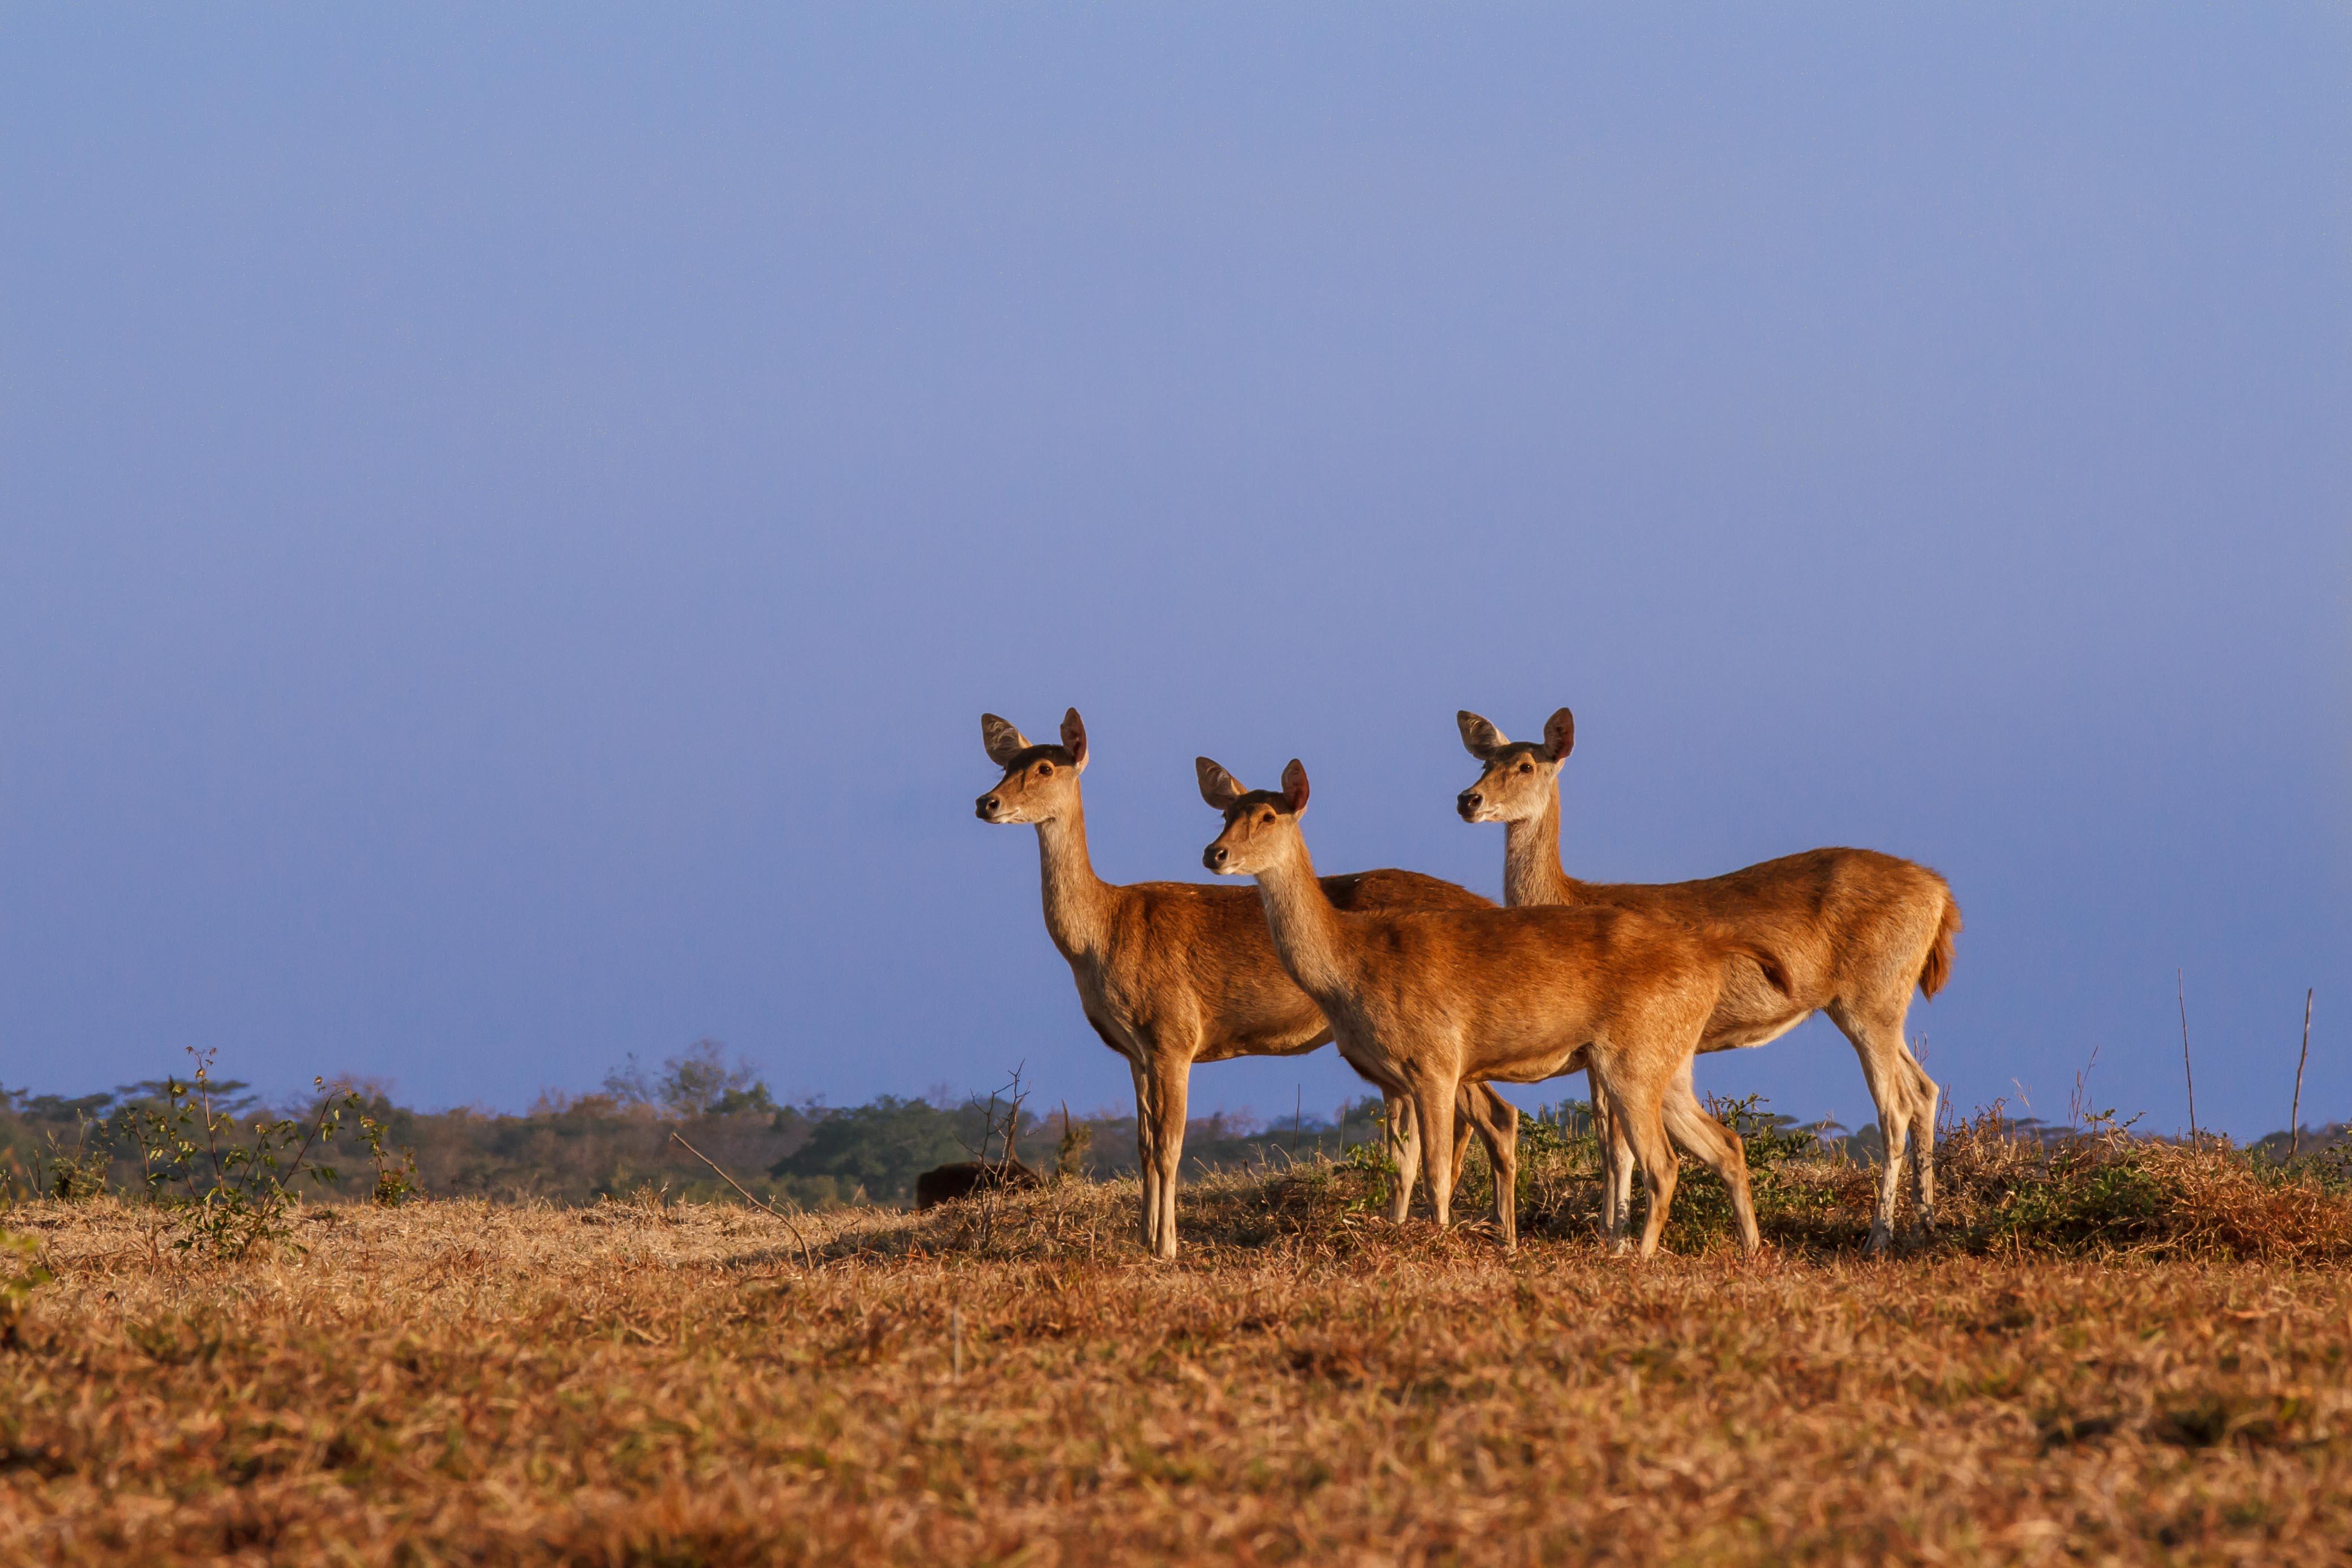 Java Deer at sunset on the Baluran savanna